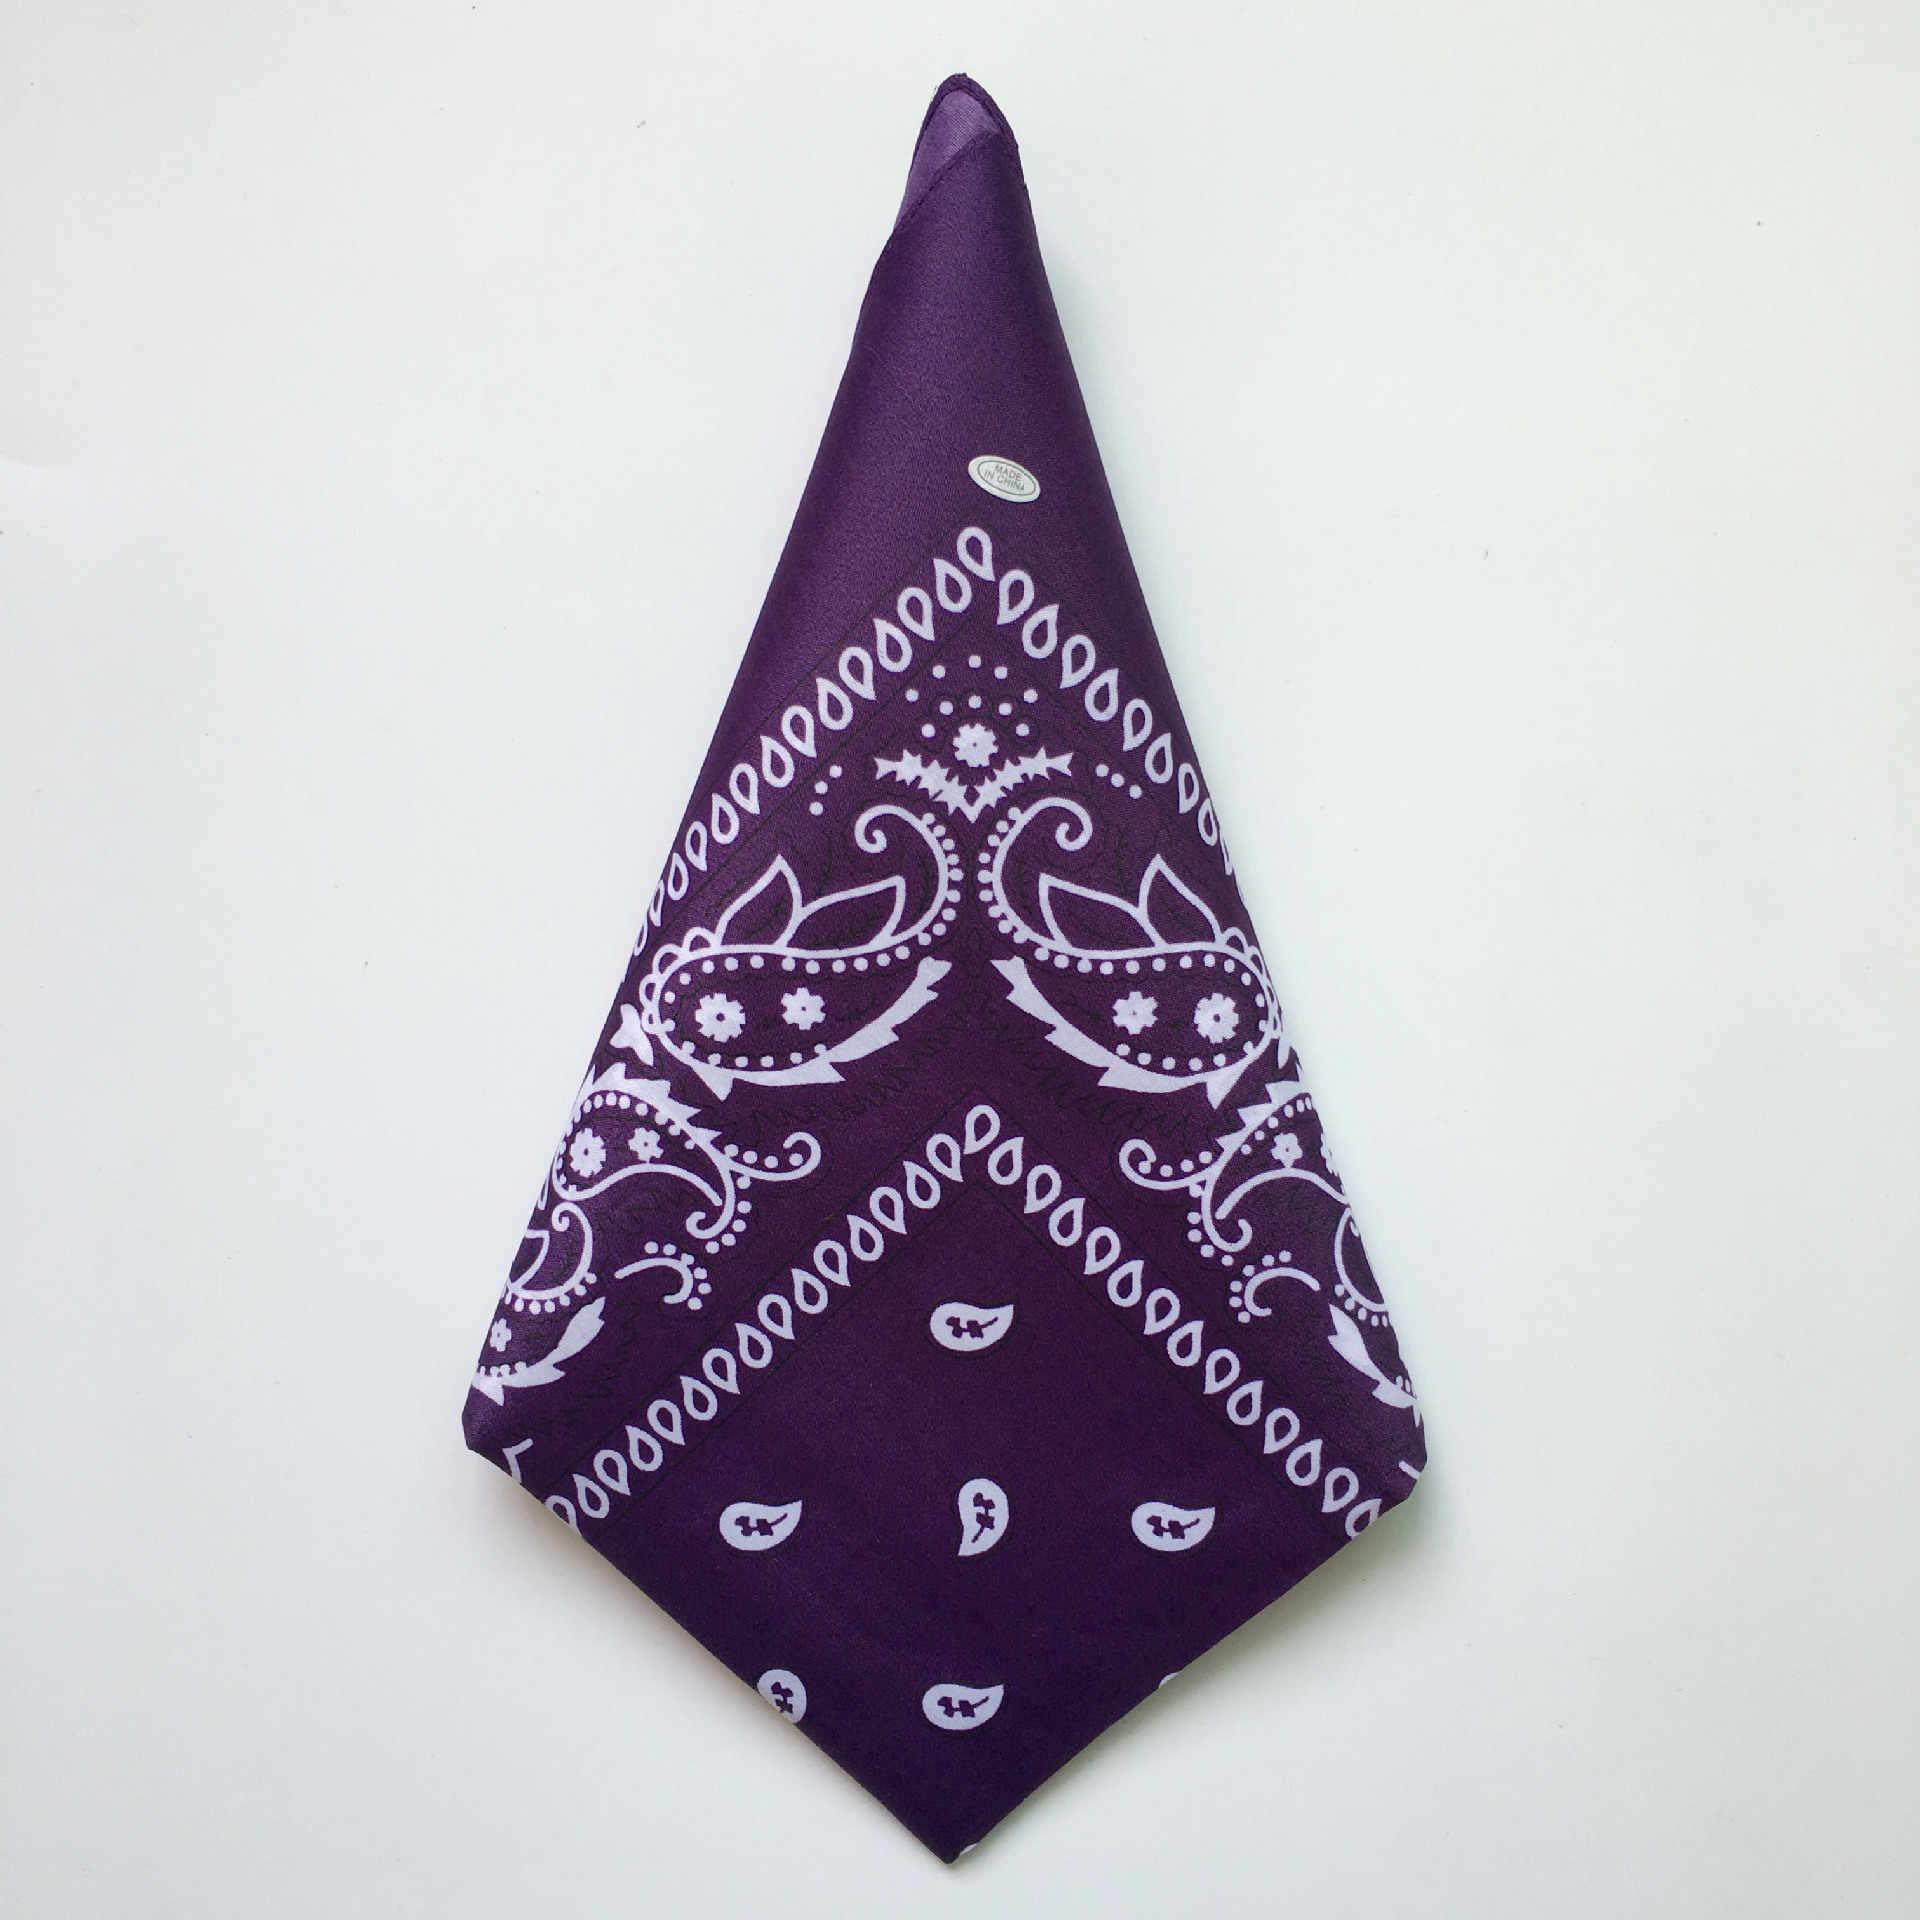 แฟชั่นHip Hop Cotton Bandanasผ้าพันคอCashew Floral HeadbandคาวบอยMens BikerกีฬาHeadwearผมข้อมือWraps 55ซม.* 55ซม.